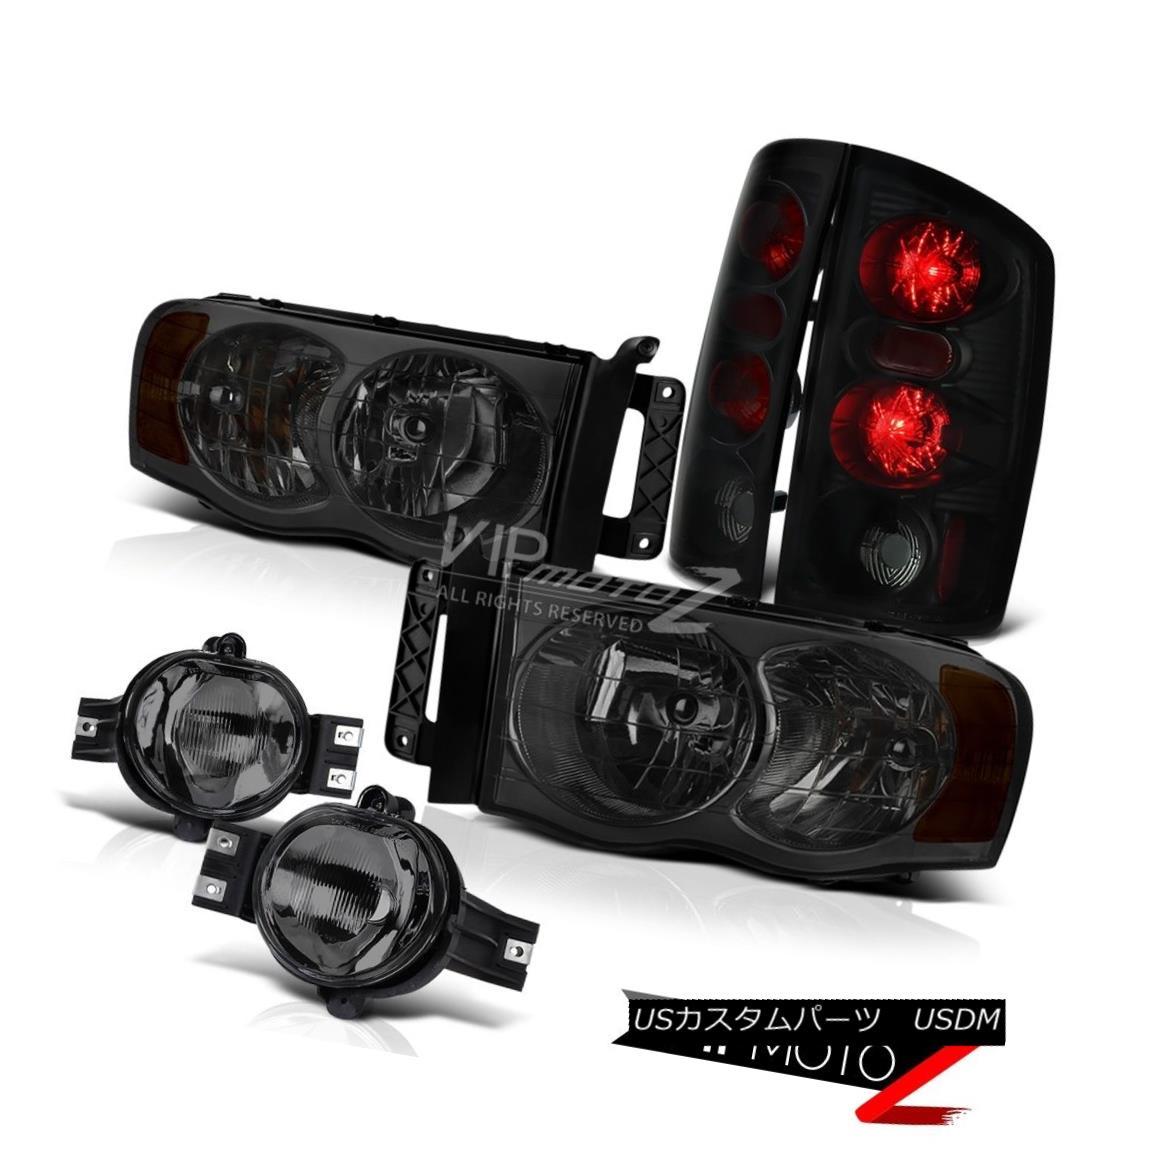 ヘッドライト {Beast Mode} Full Smoked Projector Headlights+LED Taillights+Factory Look Fog {ビーストモード}完全なスモークプロジェクターヘッドライト+ LEDのターンライト+ファー tory Look Fog